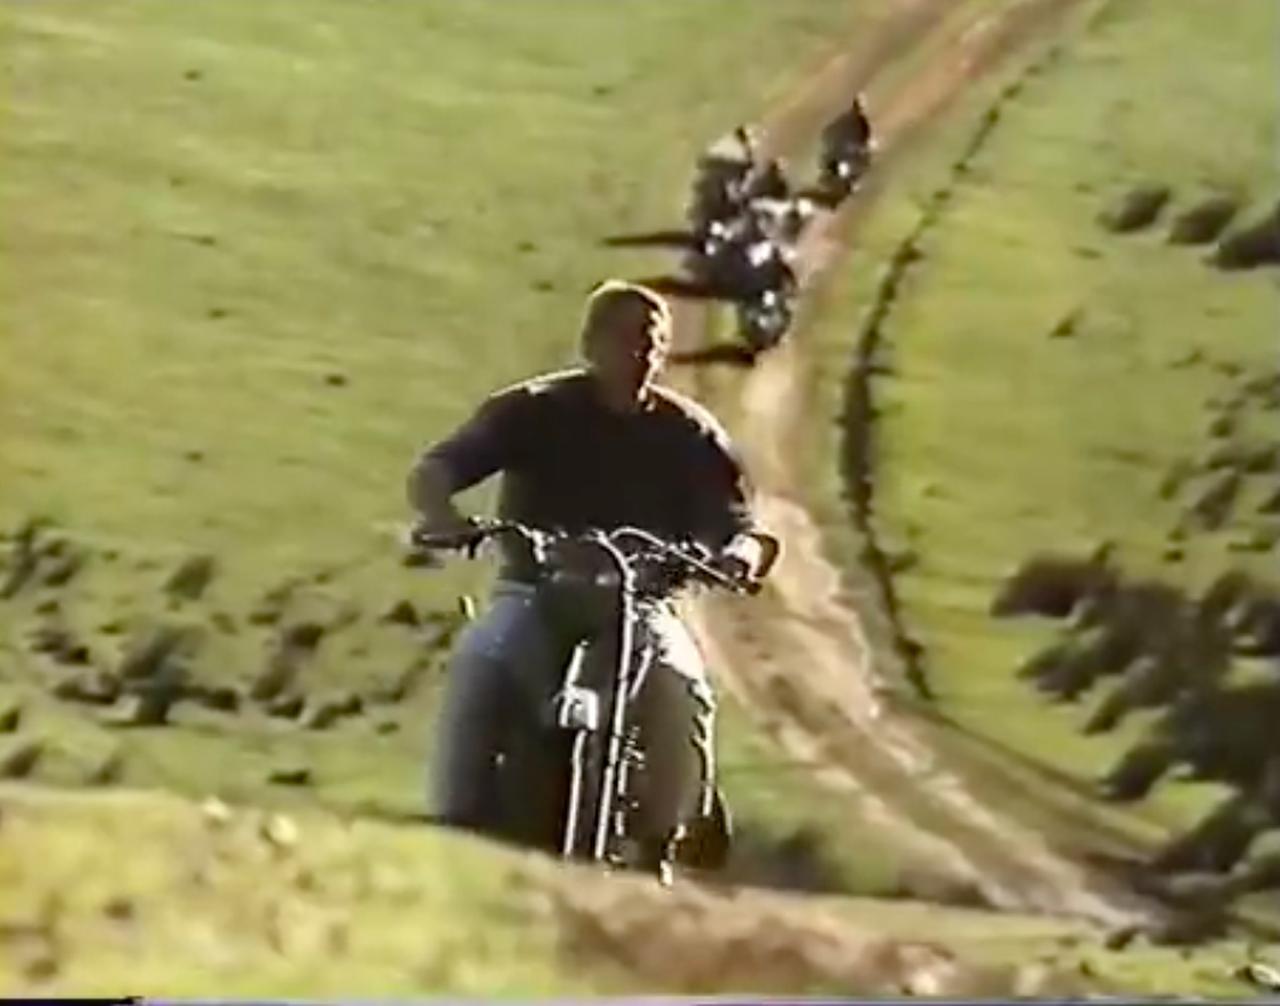 画像: 必死こいて逃げるヒルツ。後ろからは、ドイツ兵が追いかけてきます・・・。 www.youtube.com